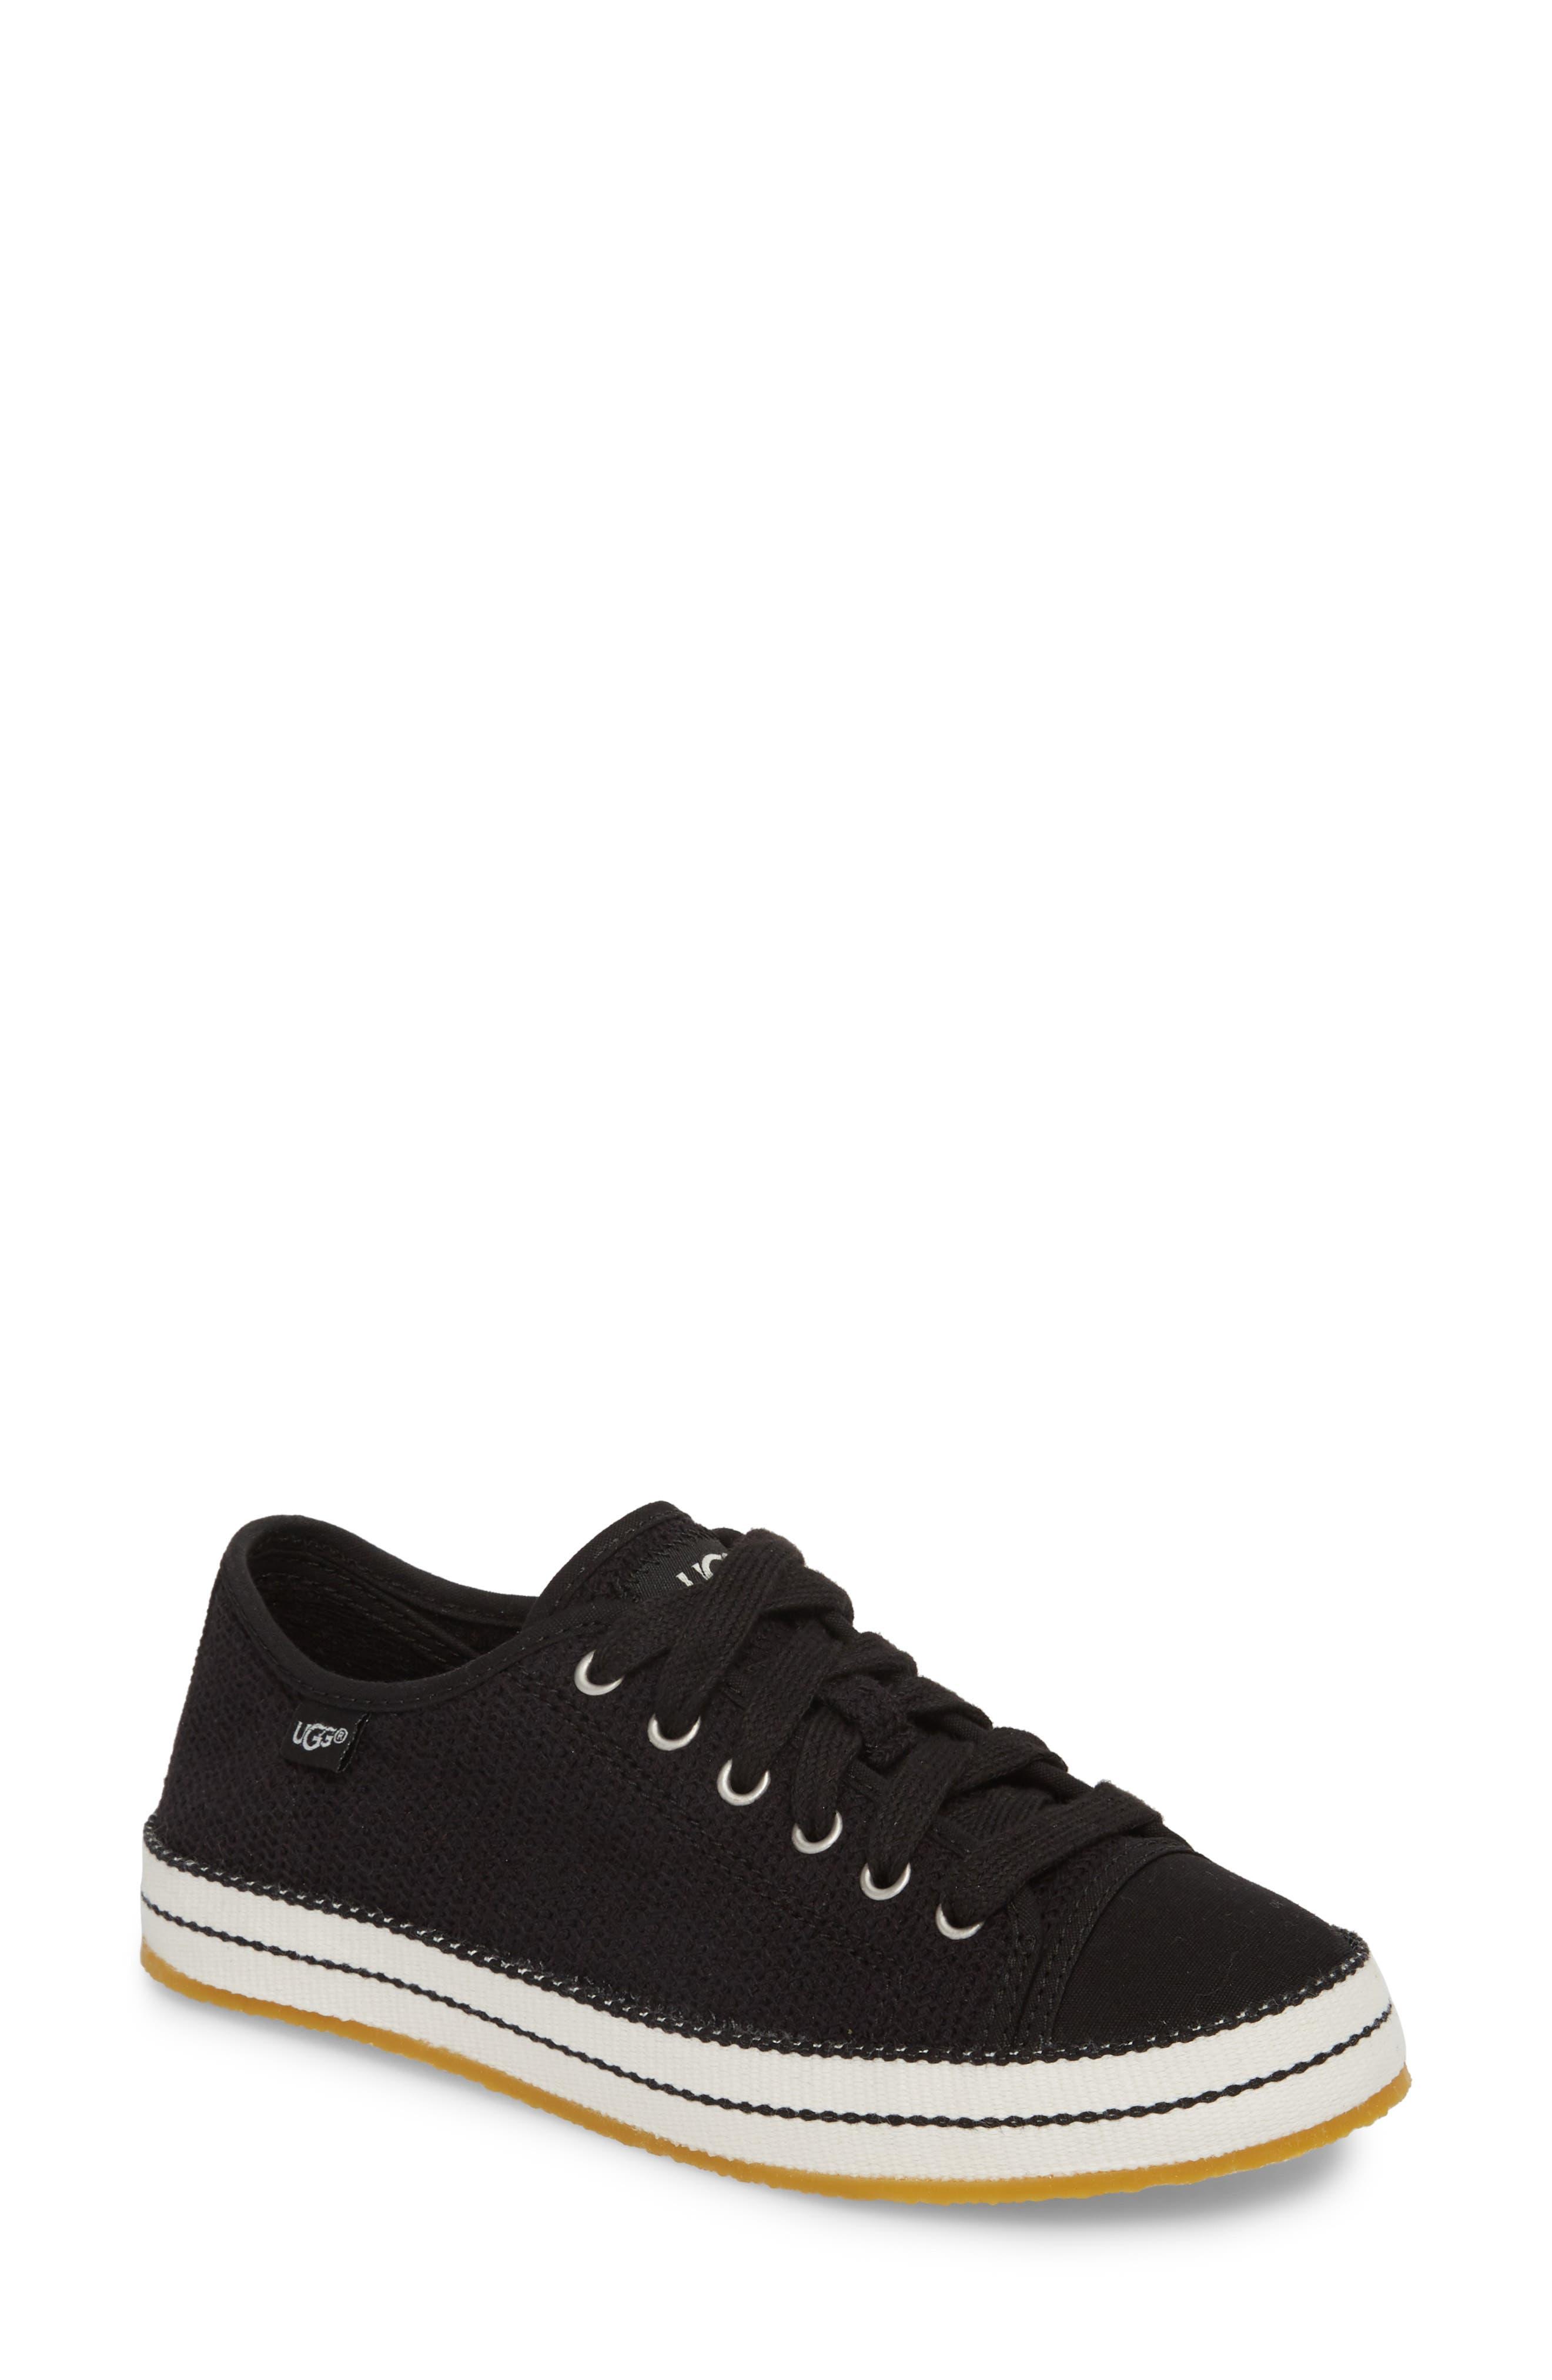 UGG<SUP>®</SUP>, Claudi Sneaker, Main thumbnail 1, color, BLACK